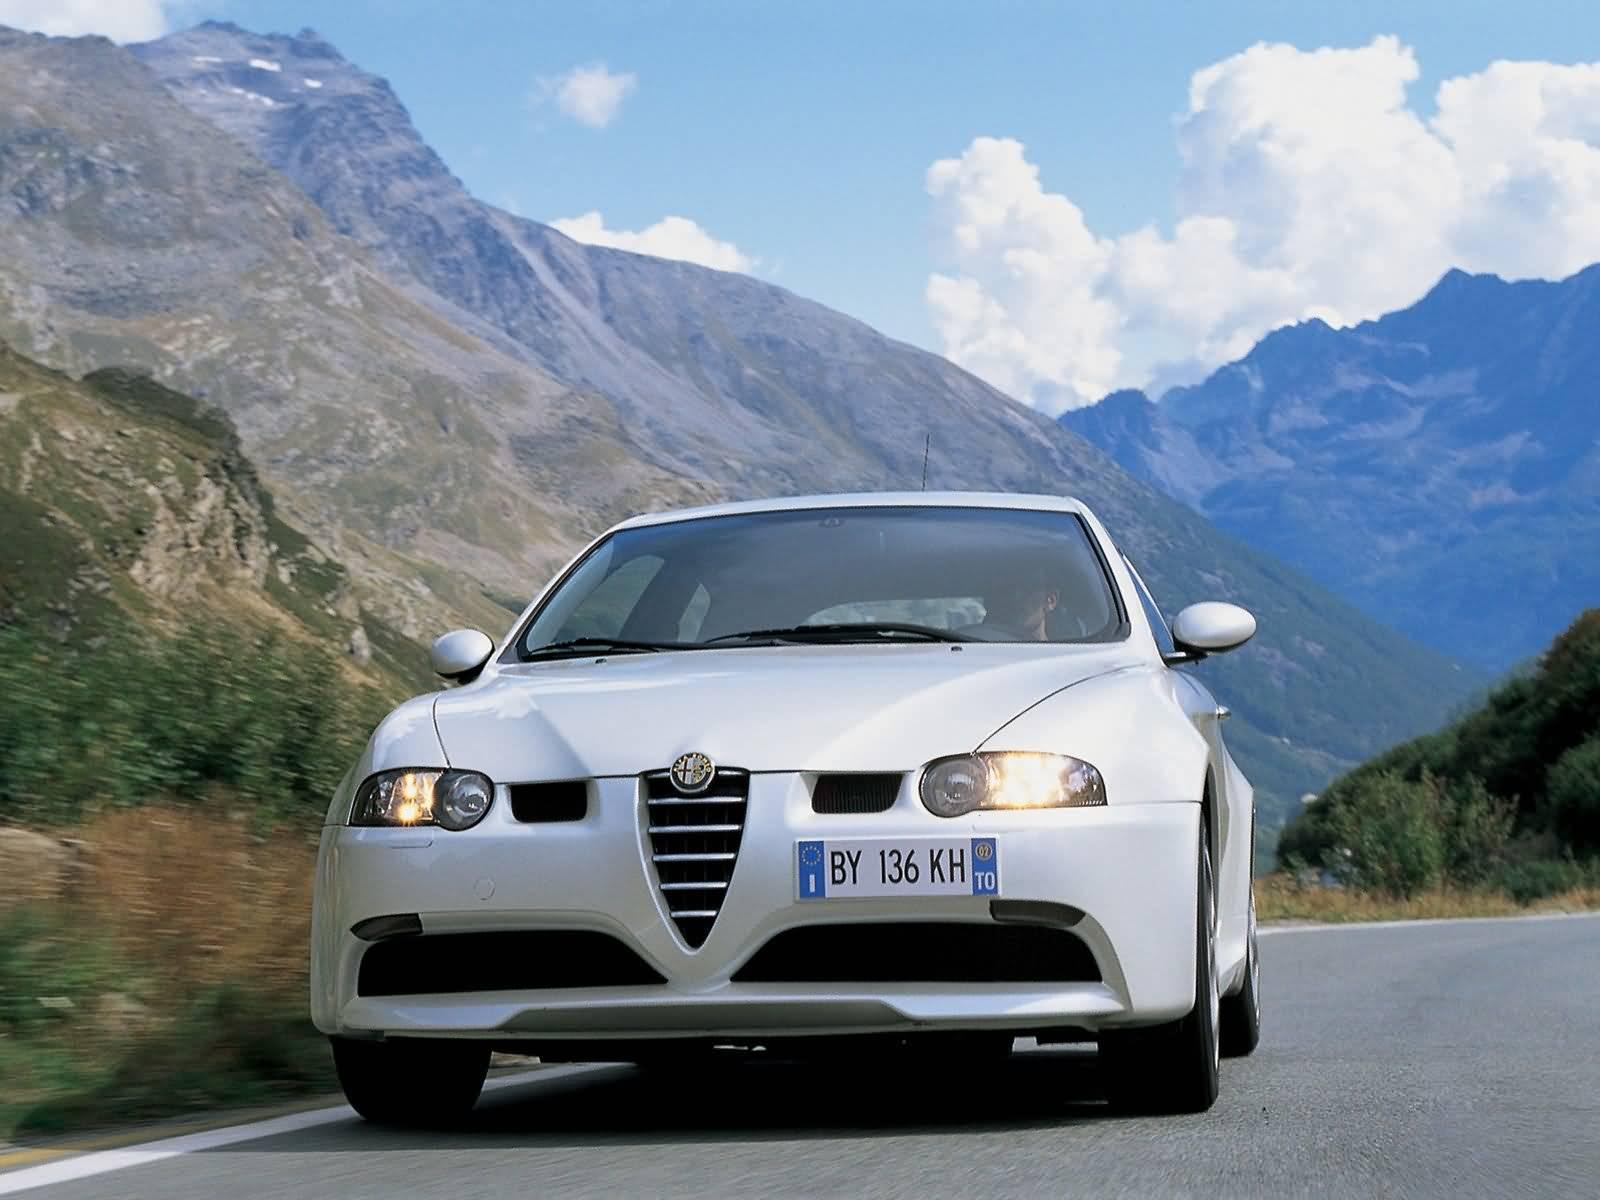 Amazing view of White colour Alfa Romeo 147 GTA Car